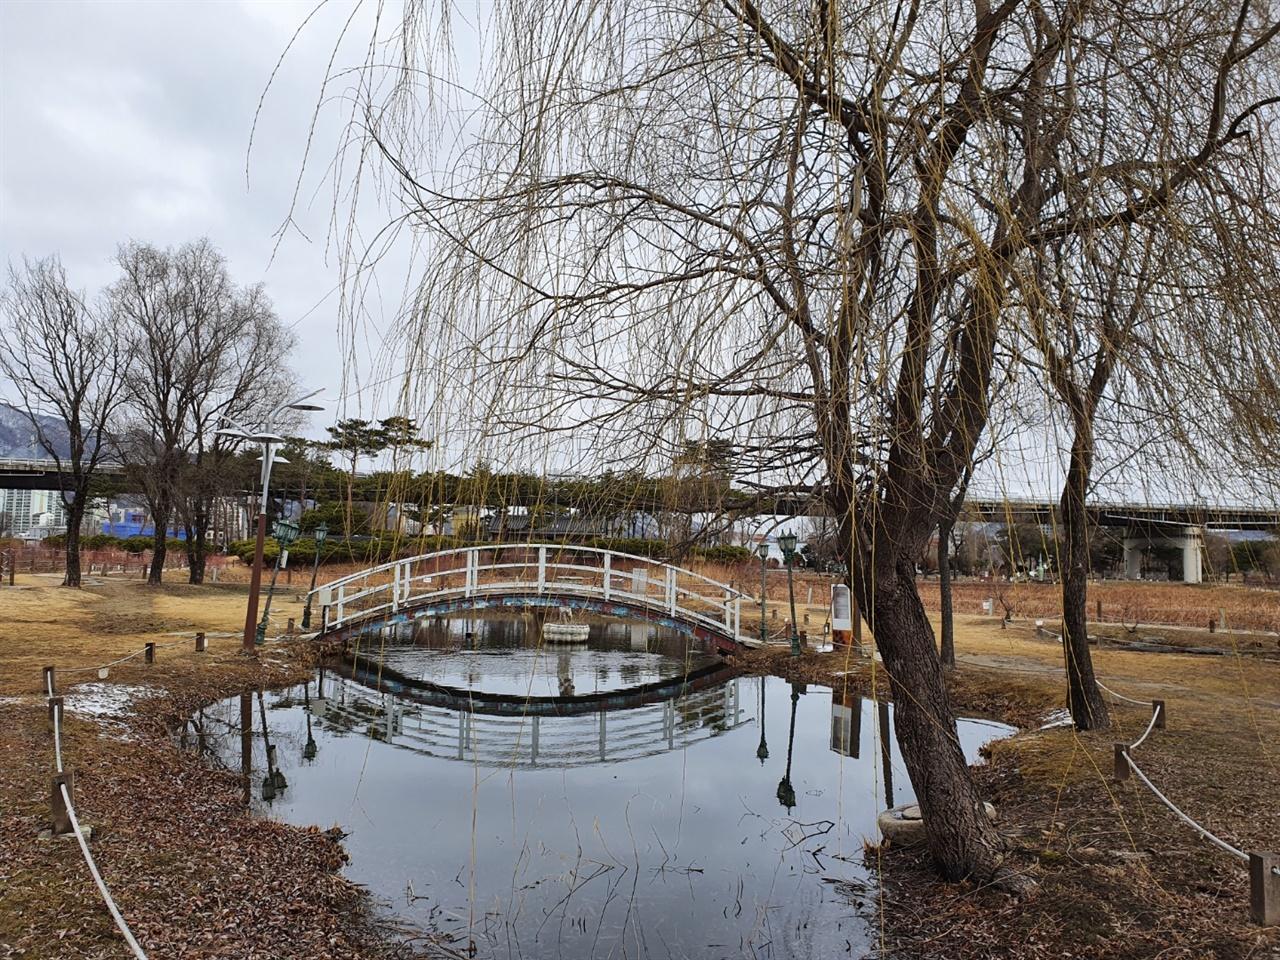 세미원 안에 위치한 모네의 정원 프랑스의 유명한 화가 모네의 정원인 지베르니 정원을 제현한 장소다. 수련이 가득 피는 철이 되면 아름다움이 극에 달한다고 한다.